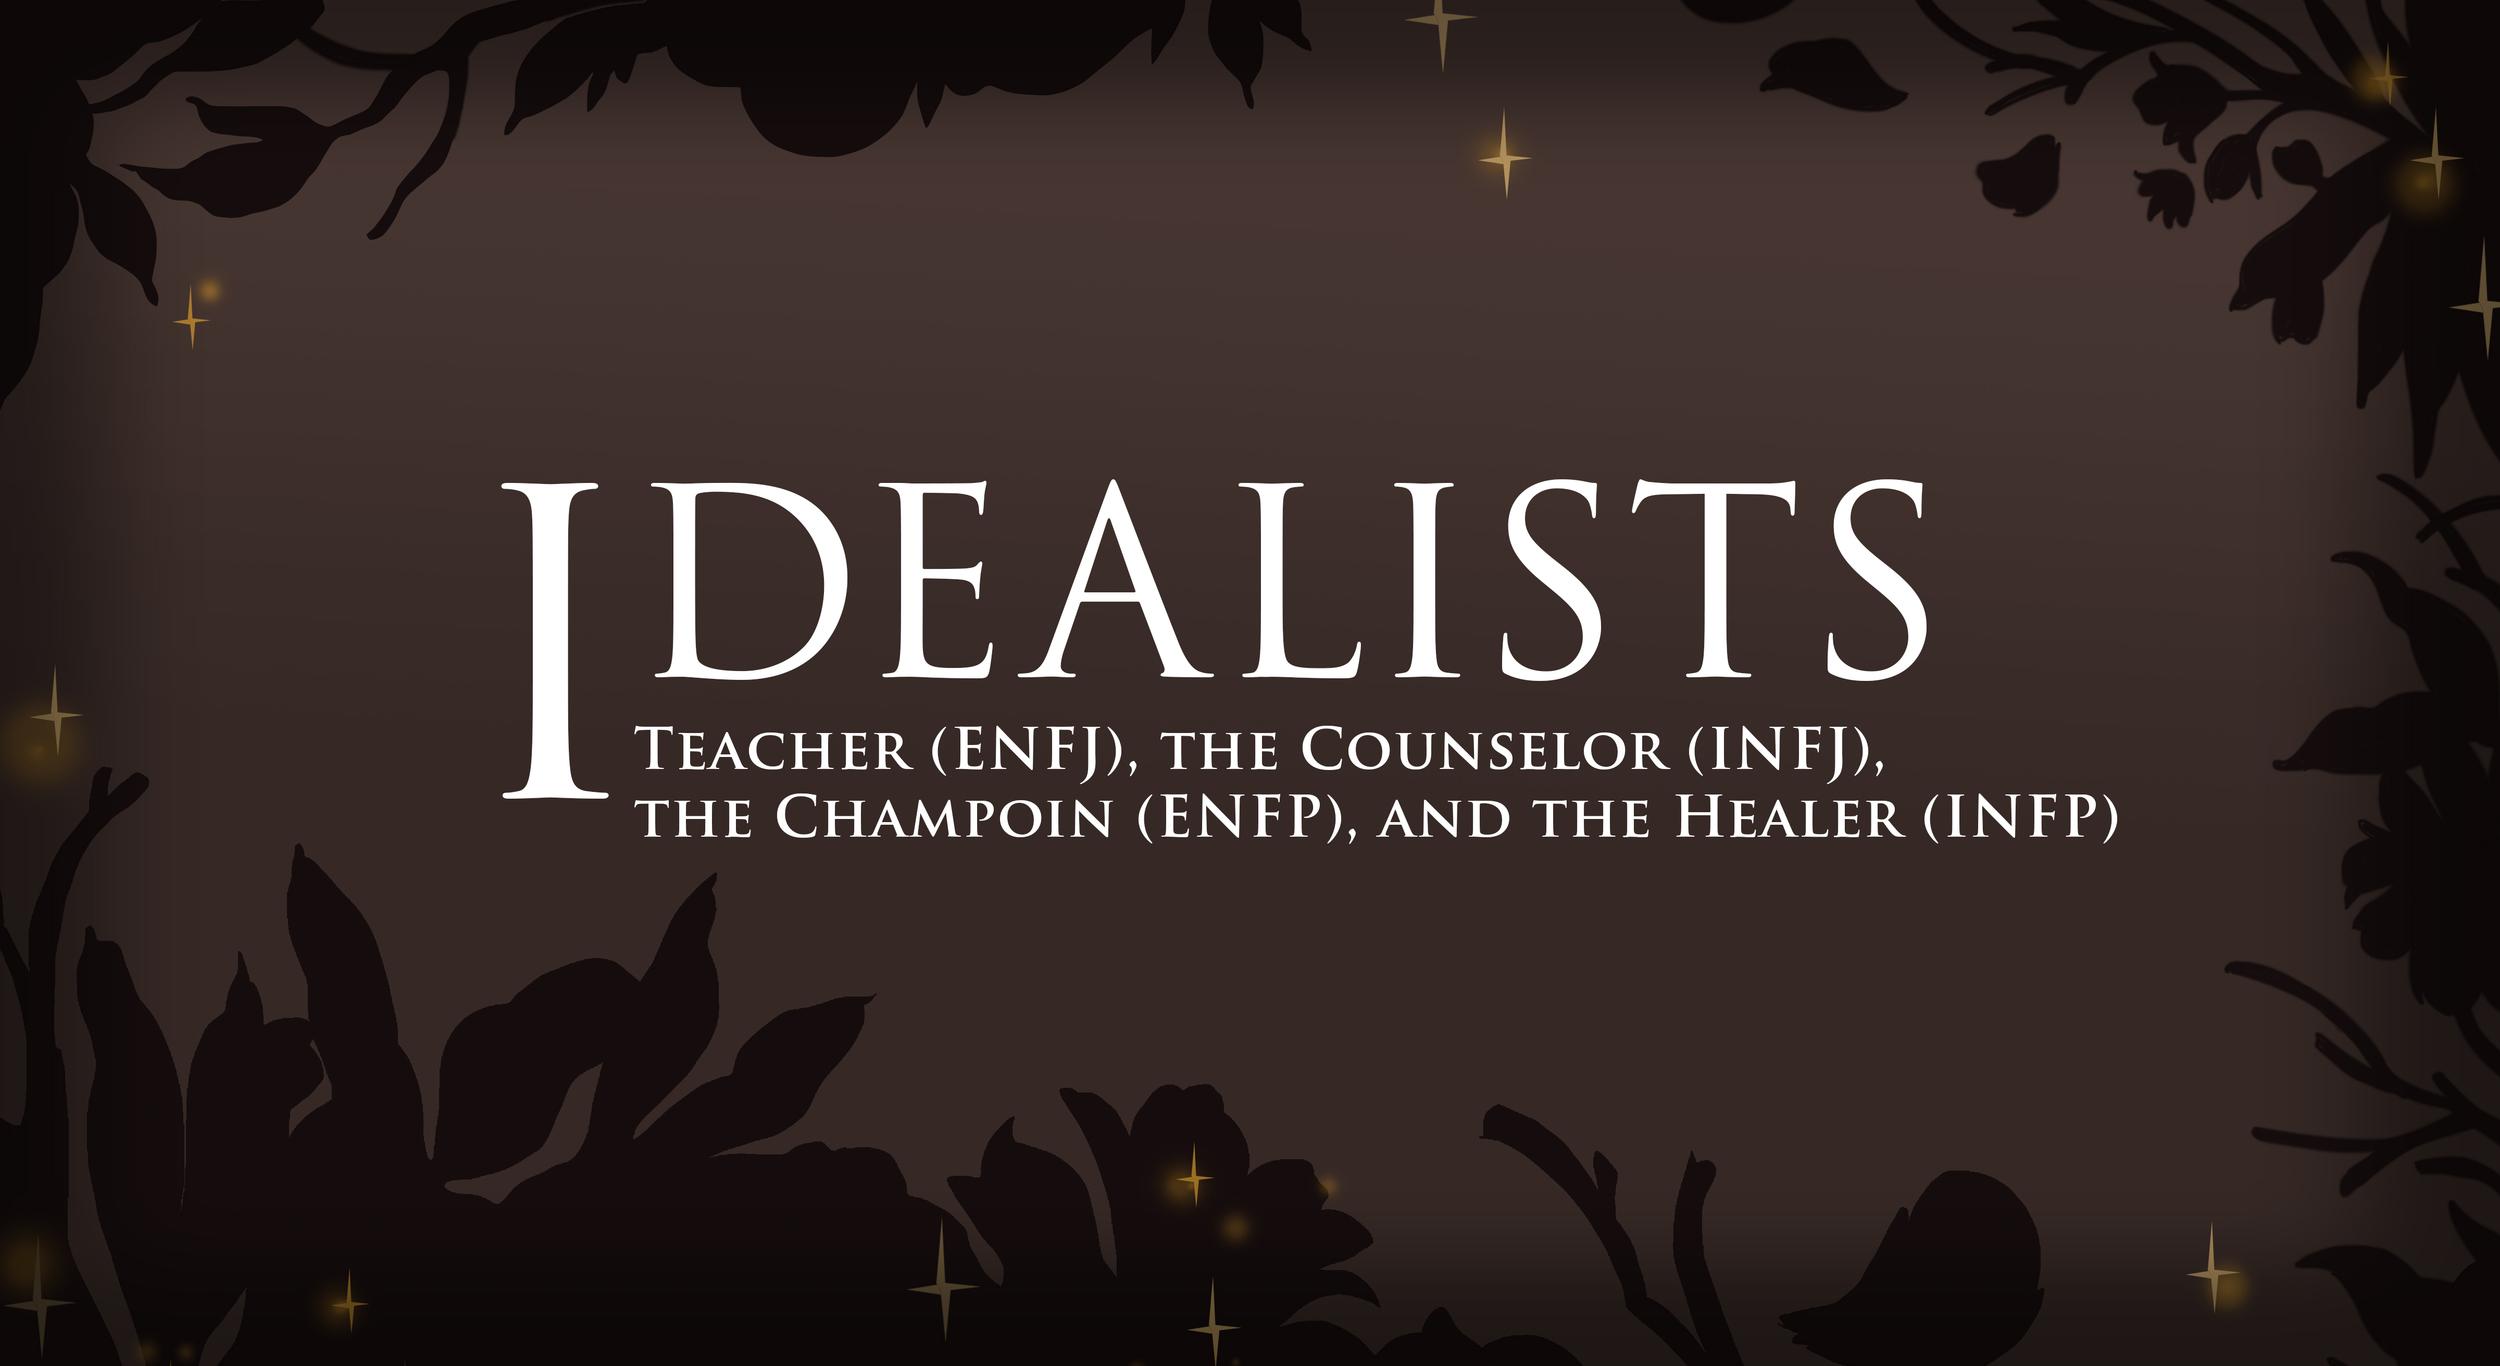 IDEALISTS_websign.jpg